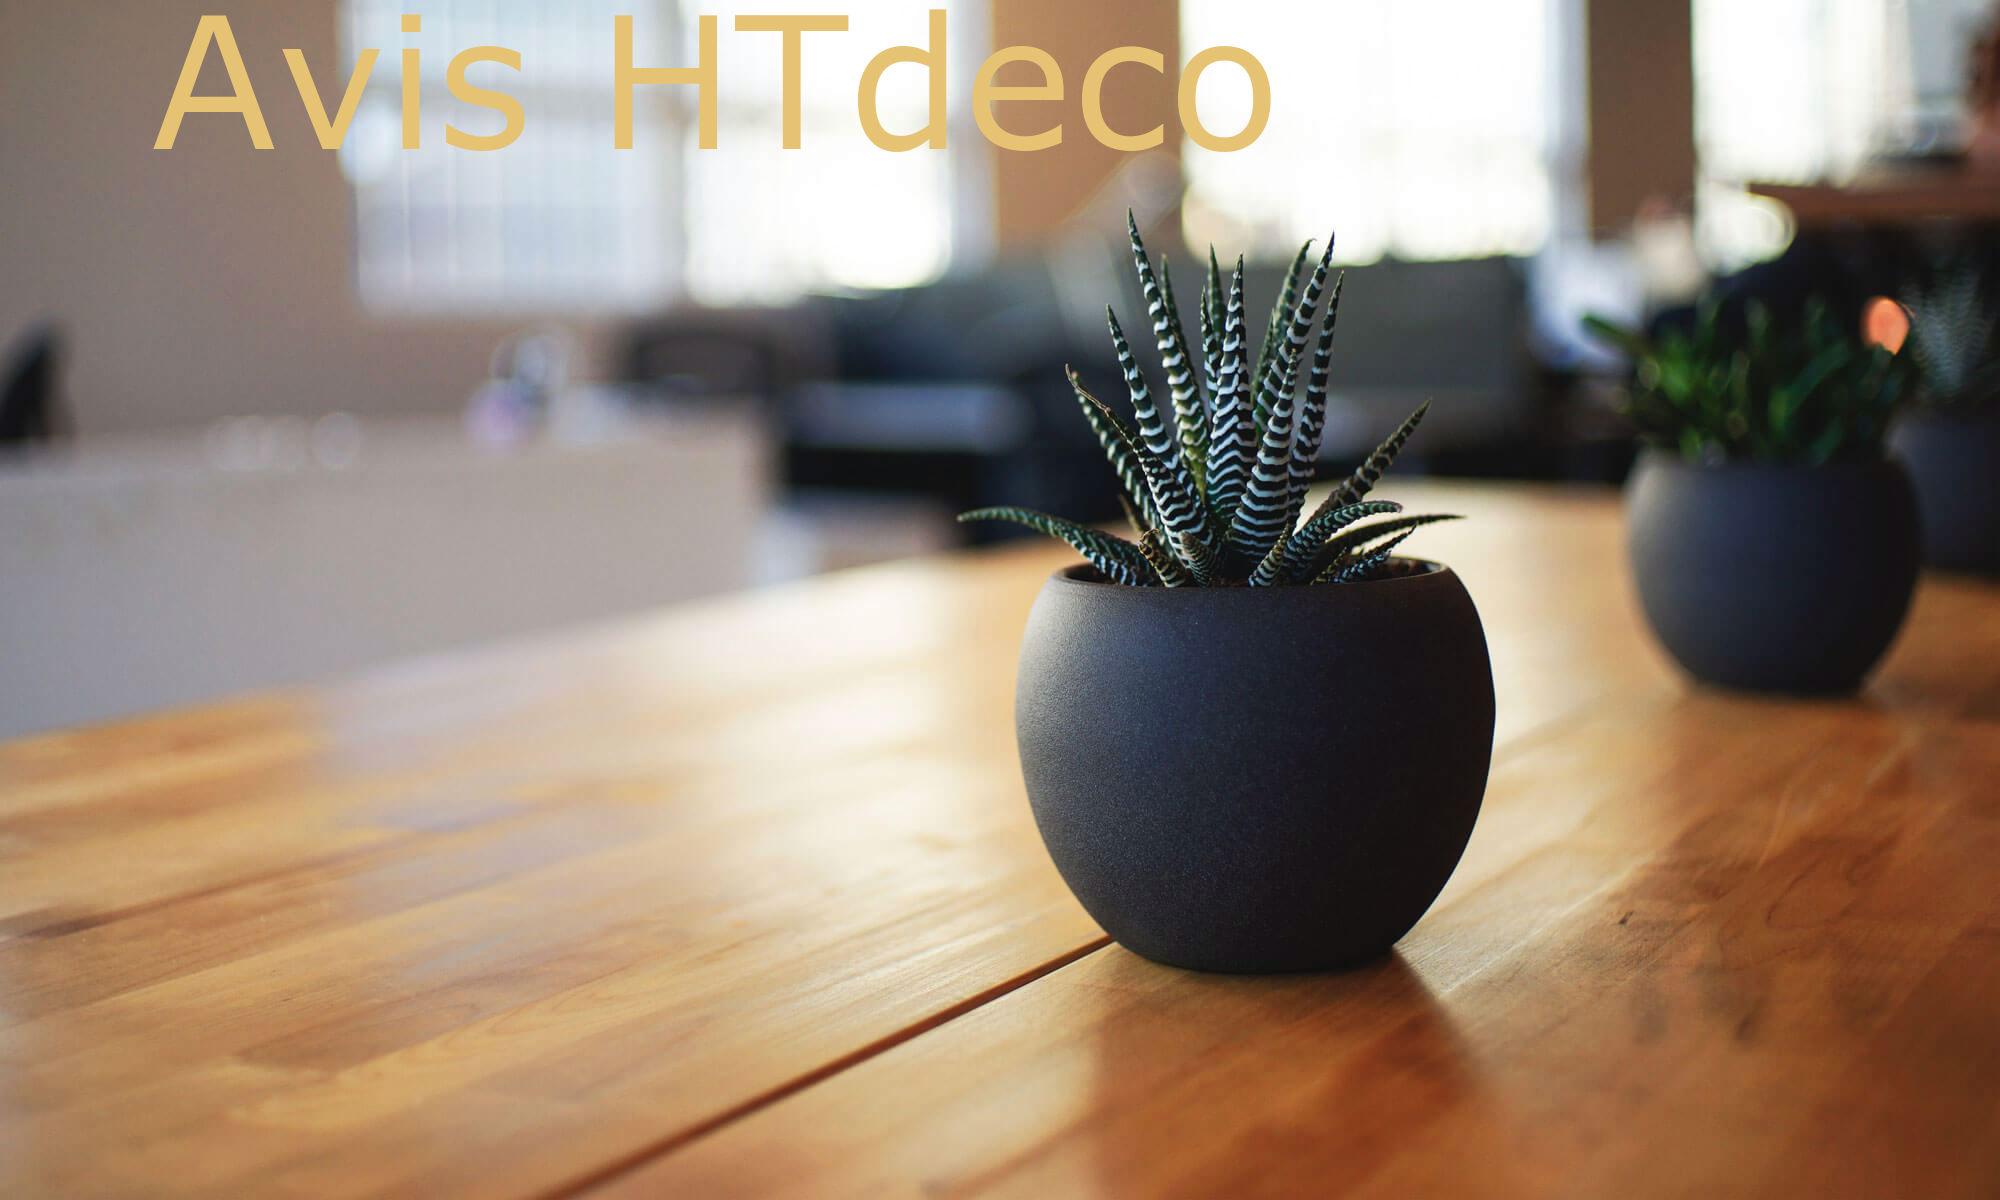 Avis HTdeco - Les avis des clients